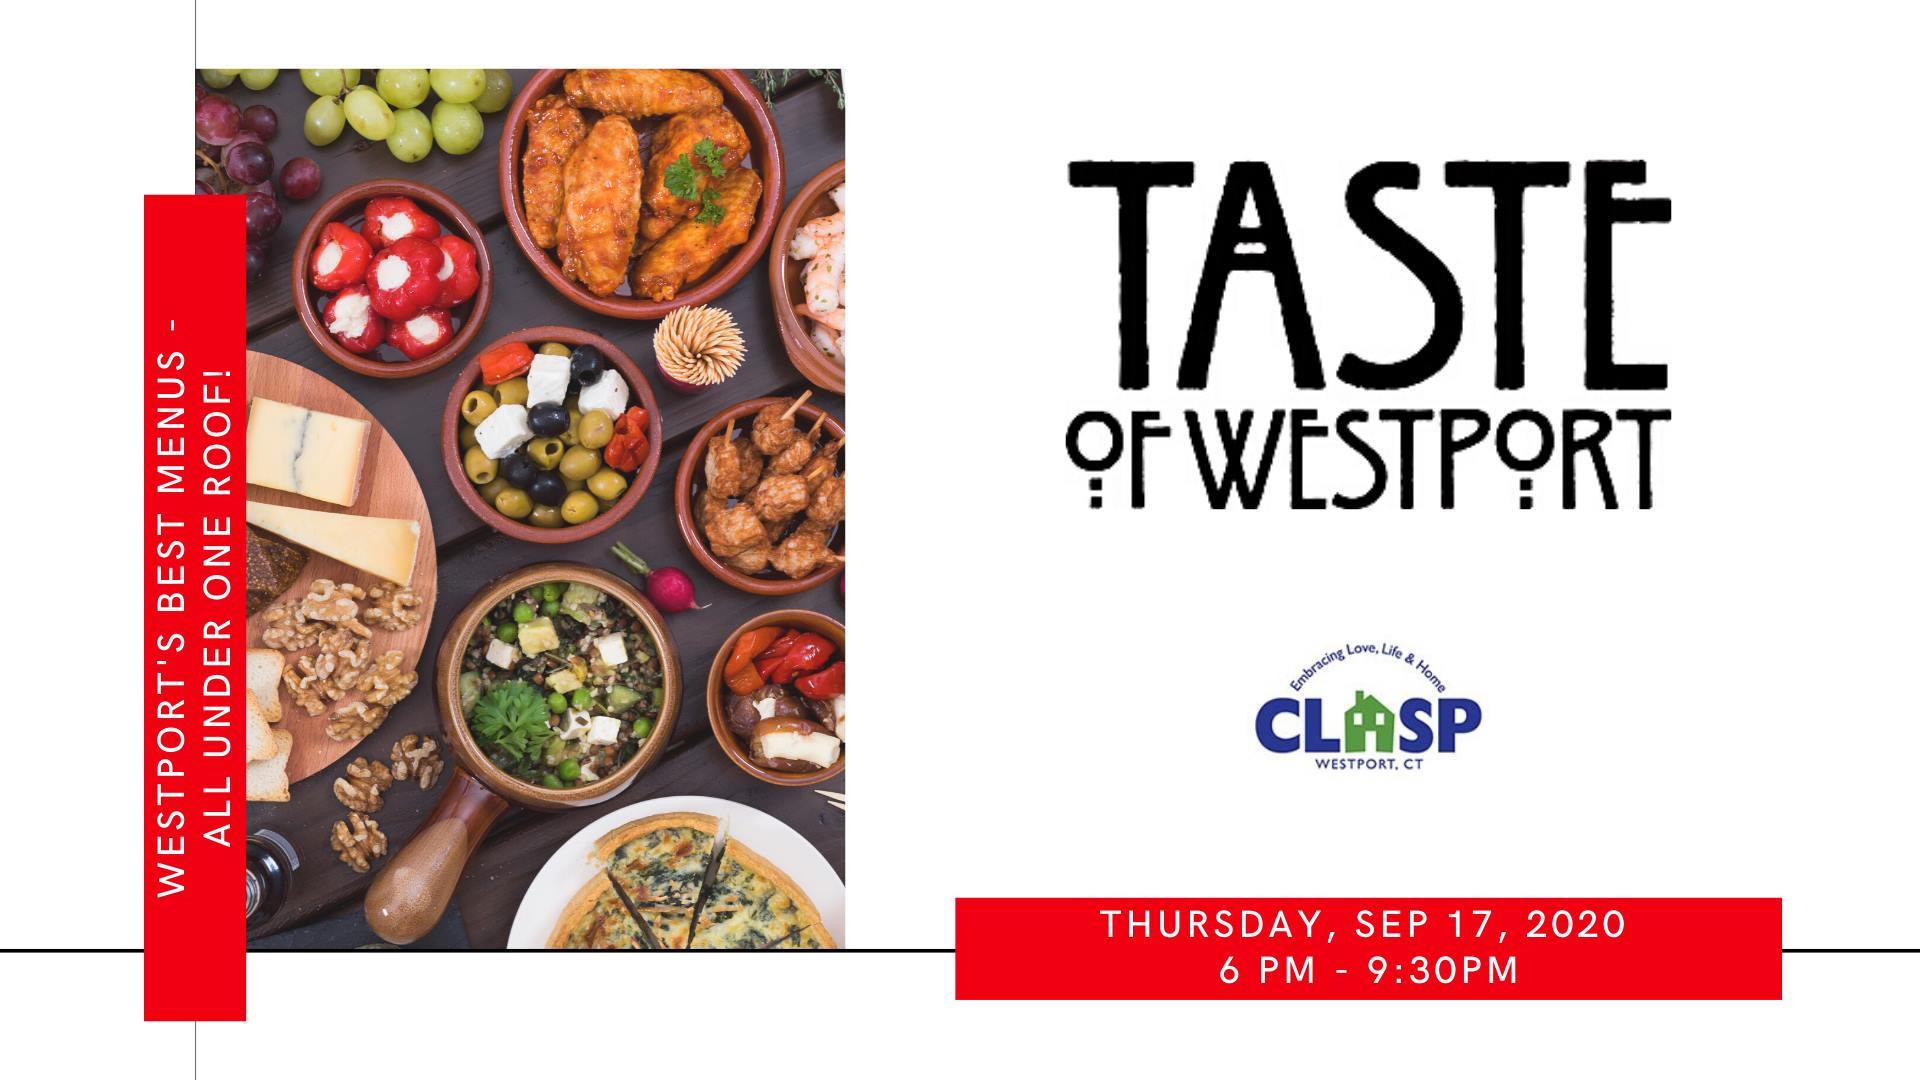 Taste of Westport September 2020